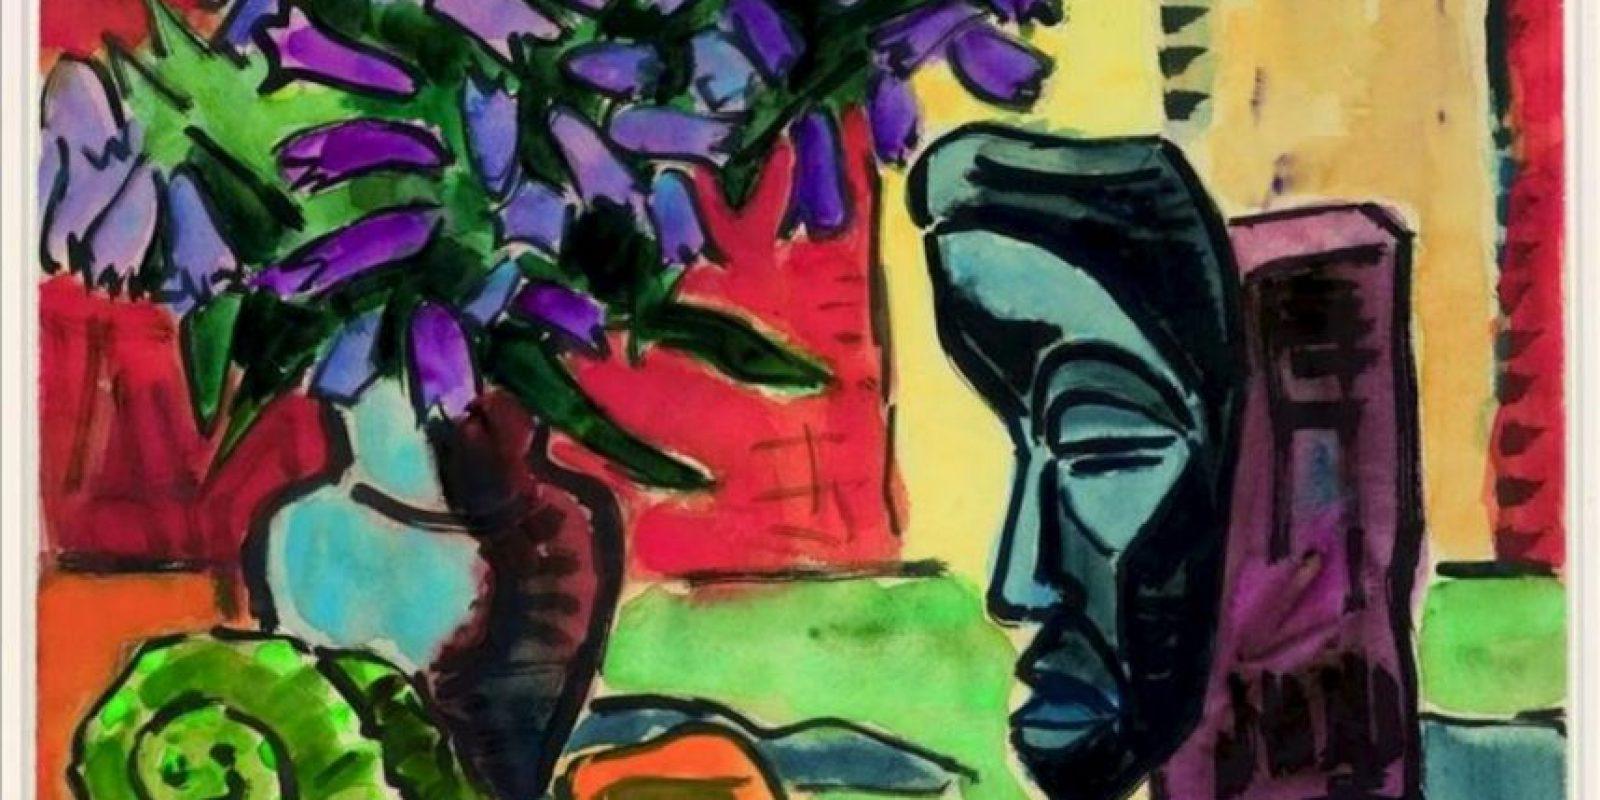 """Fotografía facilitada por La colección Bayer de la obra """"Bodegón con campanilla delante de una máscara"""", de Karl Schmidt-Rottluff, que forma parte de la muestra """"De Beckmann a Warhol"""". EFE"""